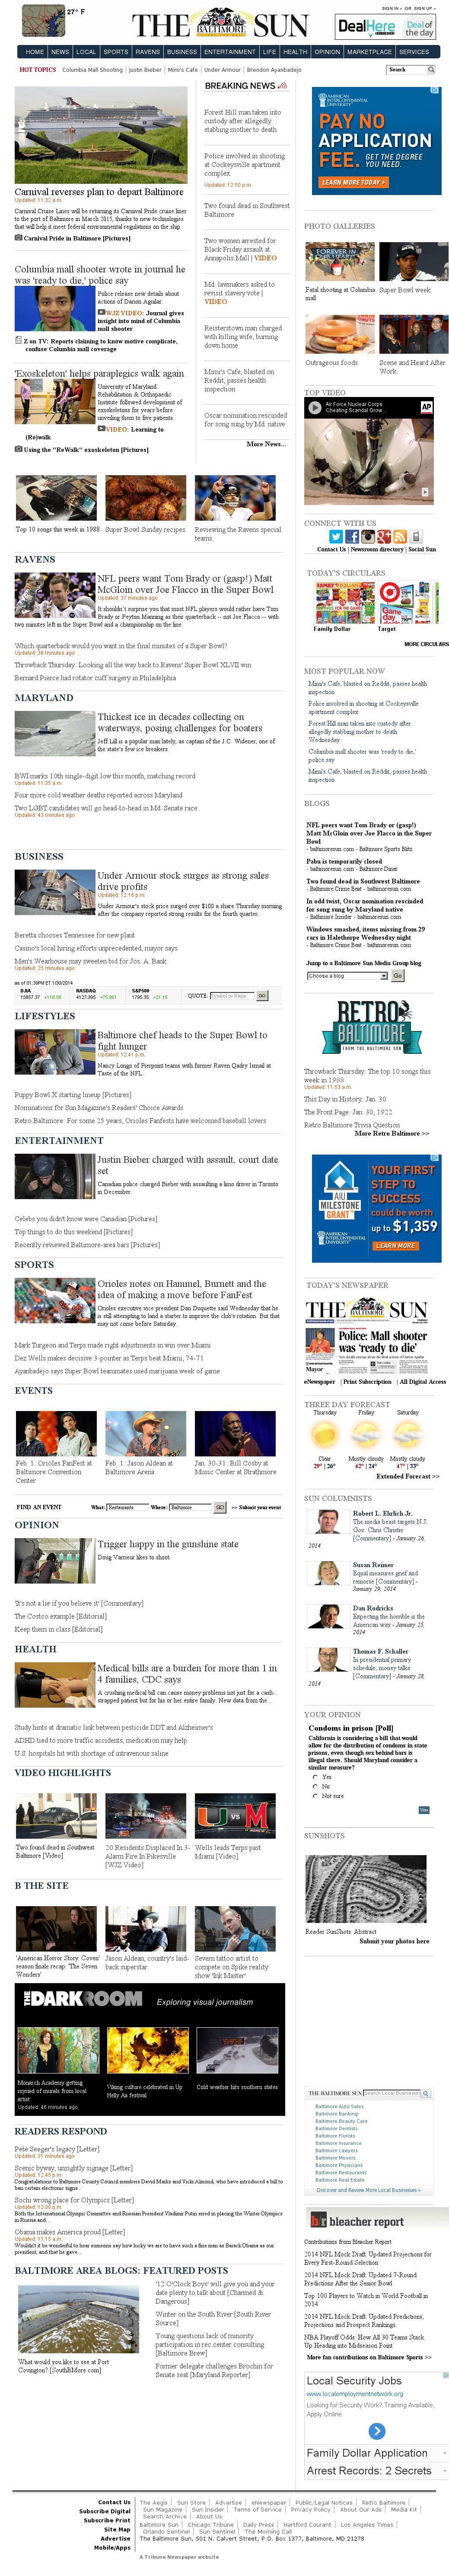 The Baltimore Sun at Thursday Jan. 30, 2014, 7 p.m. UTC